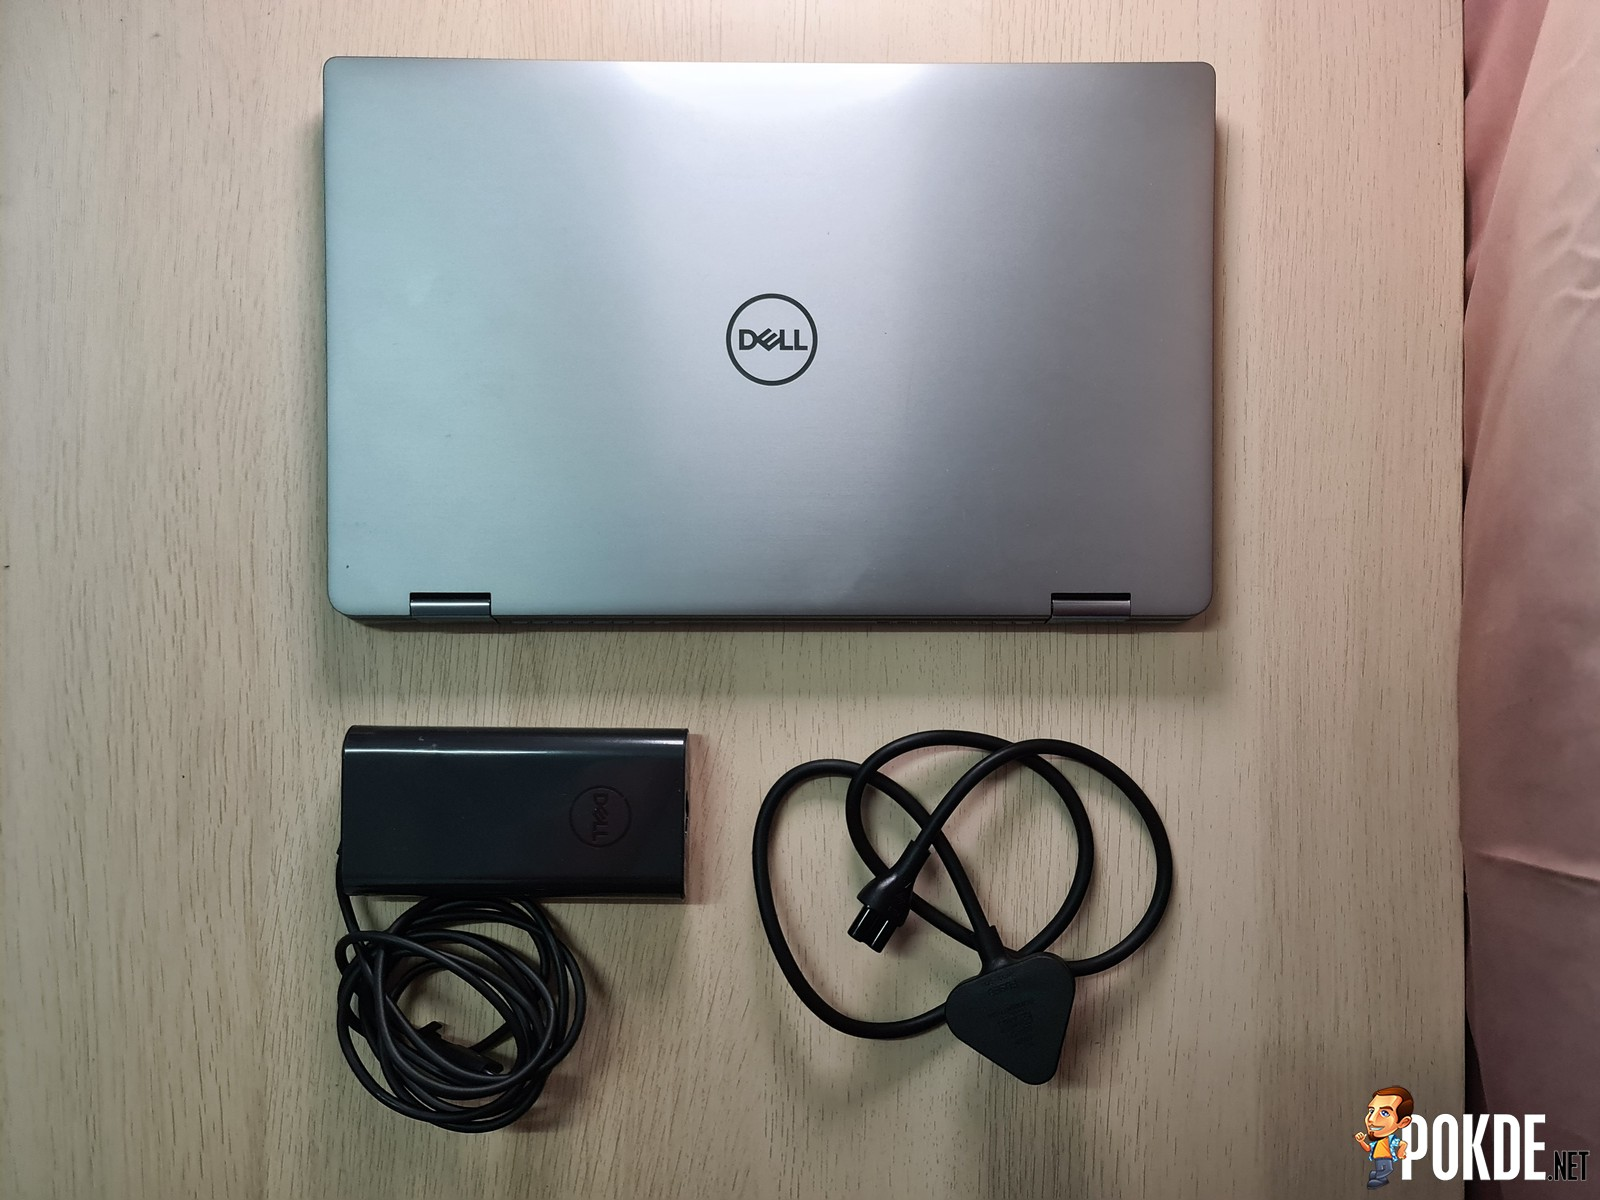 Dell Latitude 9510 Review